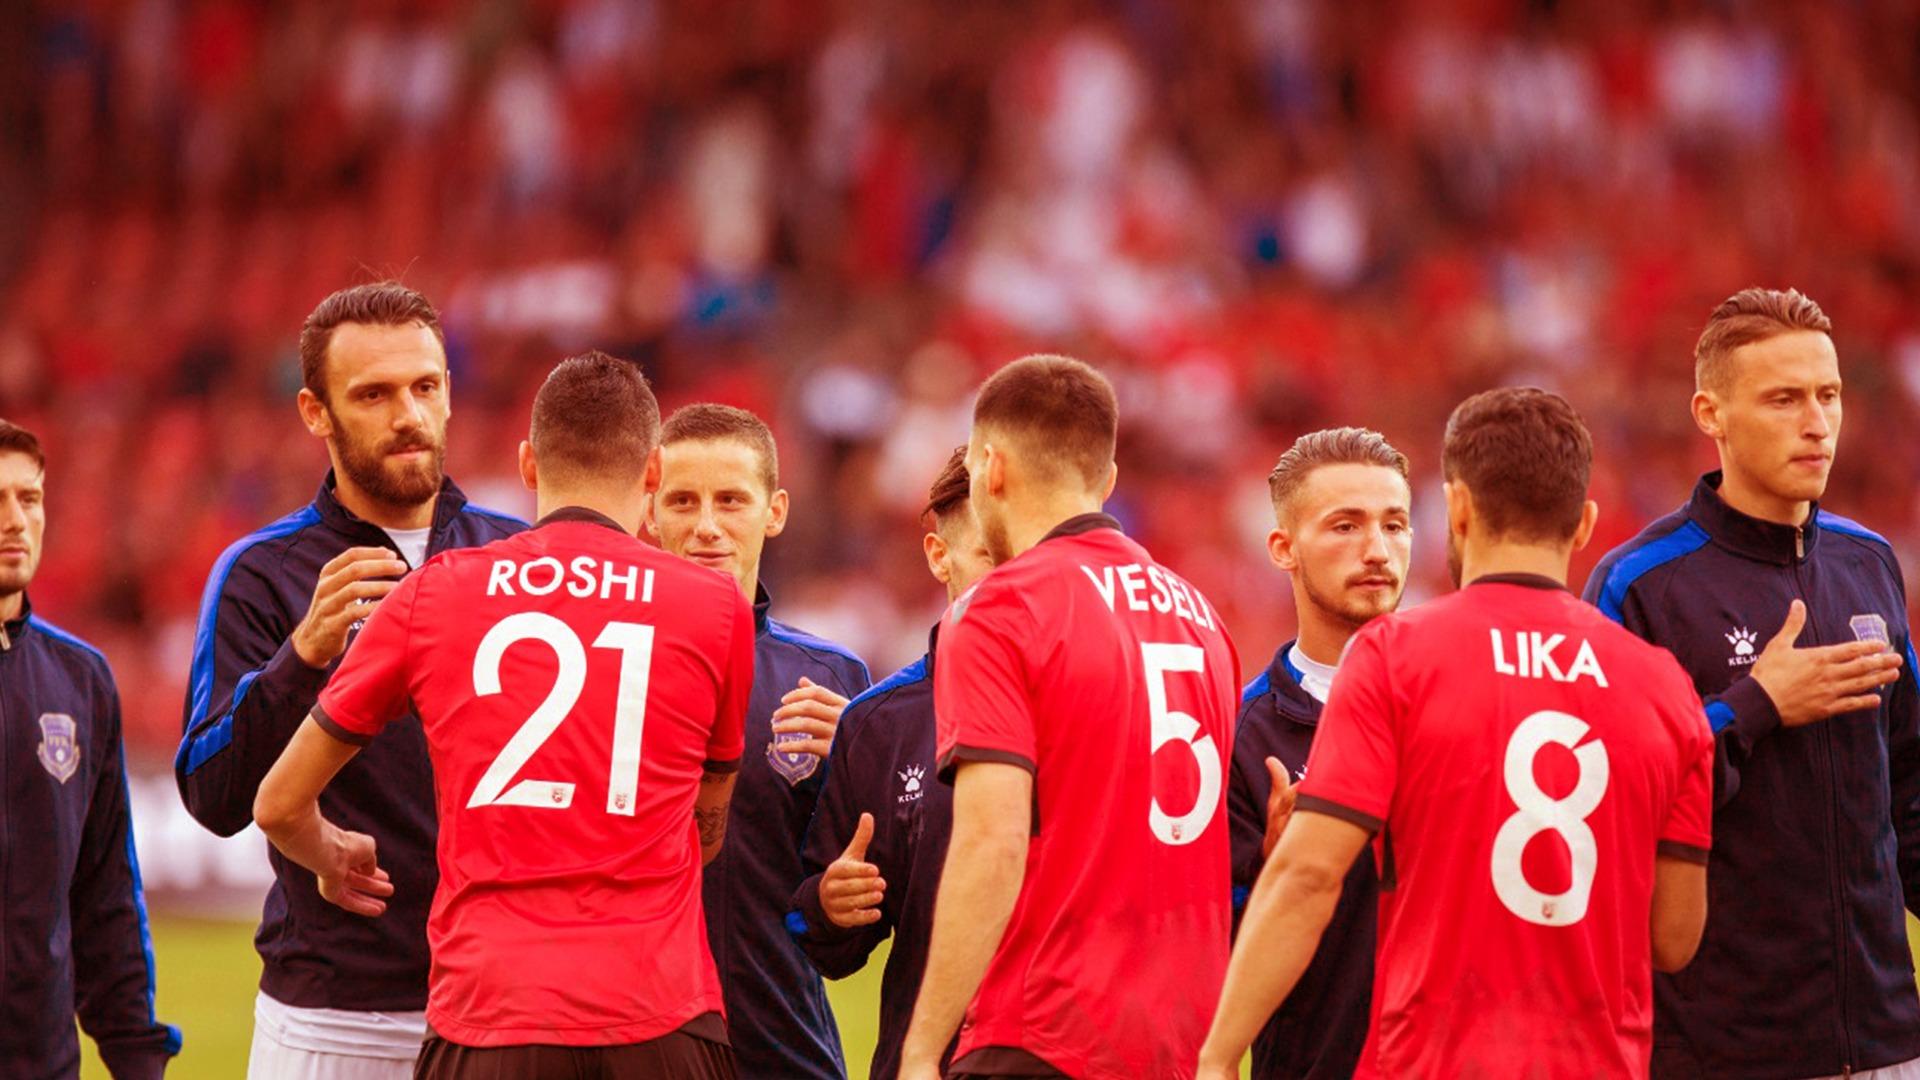 Shqipëri vs Kosovë (Miqësore) <br> 11 nëntor, ora 15:50 </br> në RTSH 1 HD dhe RTSH SPORT HD